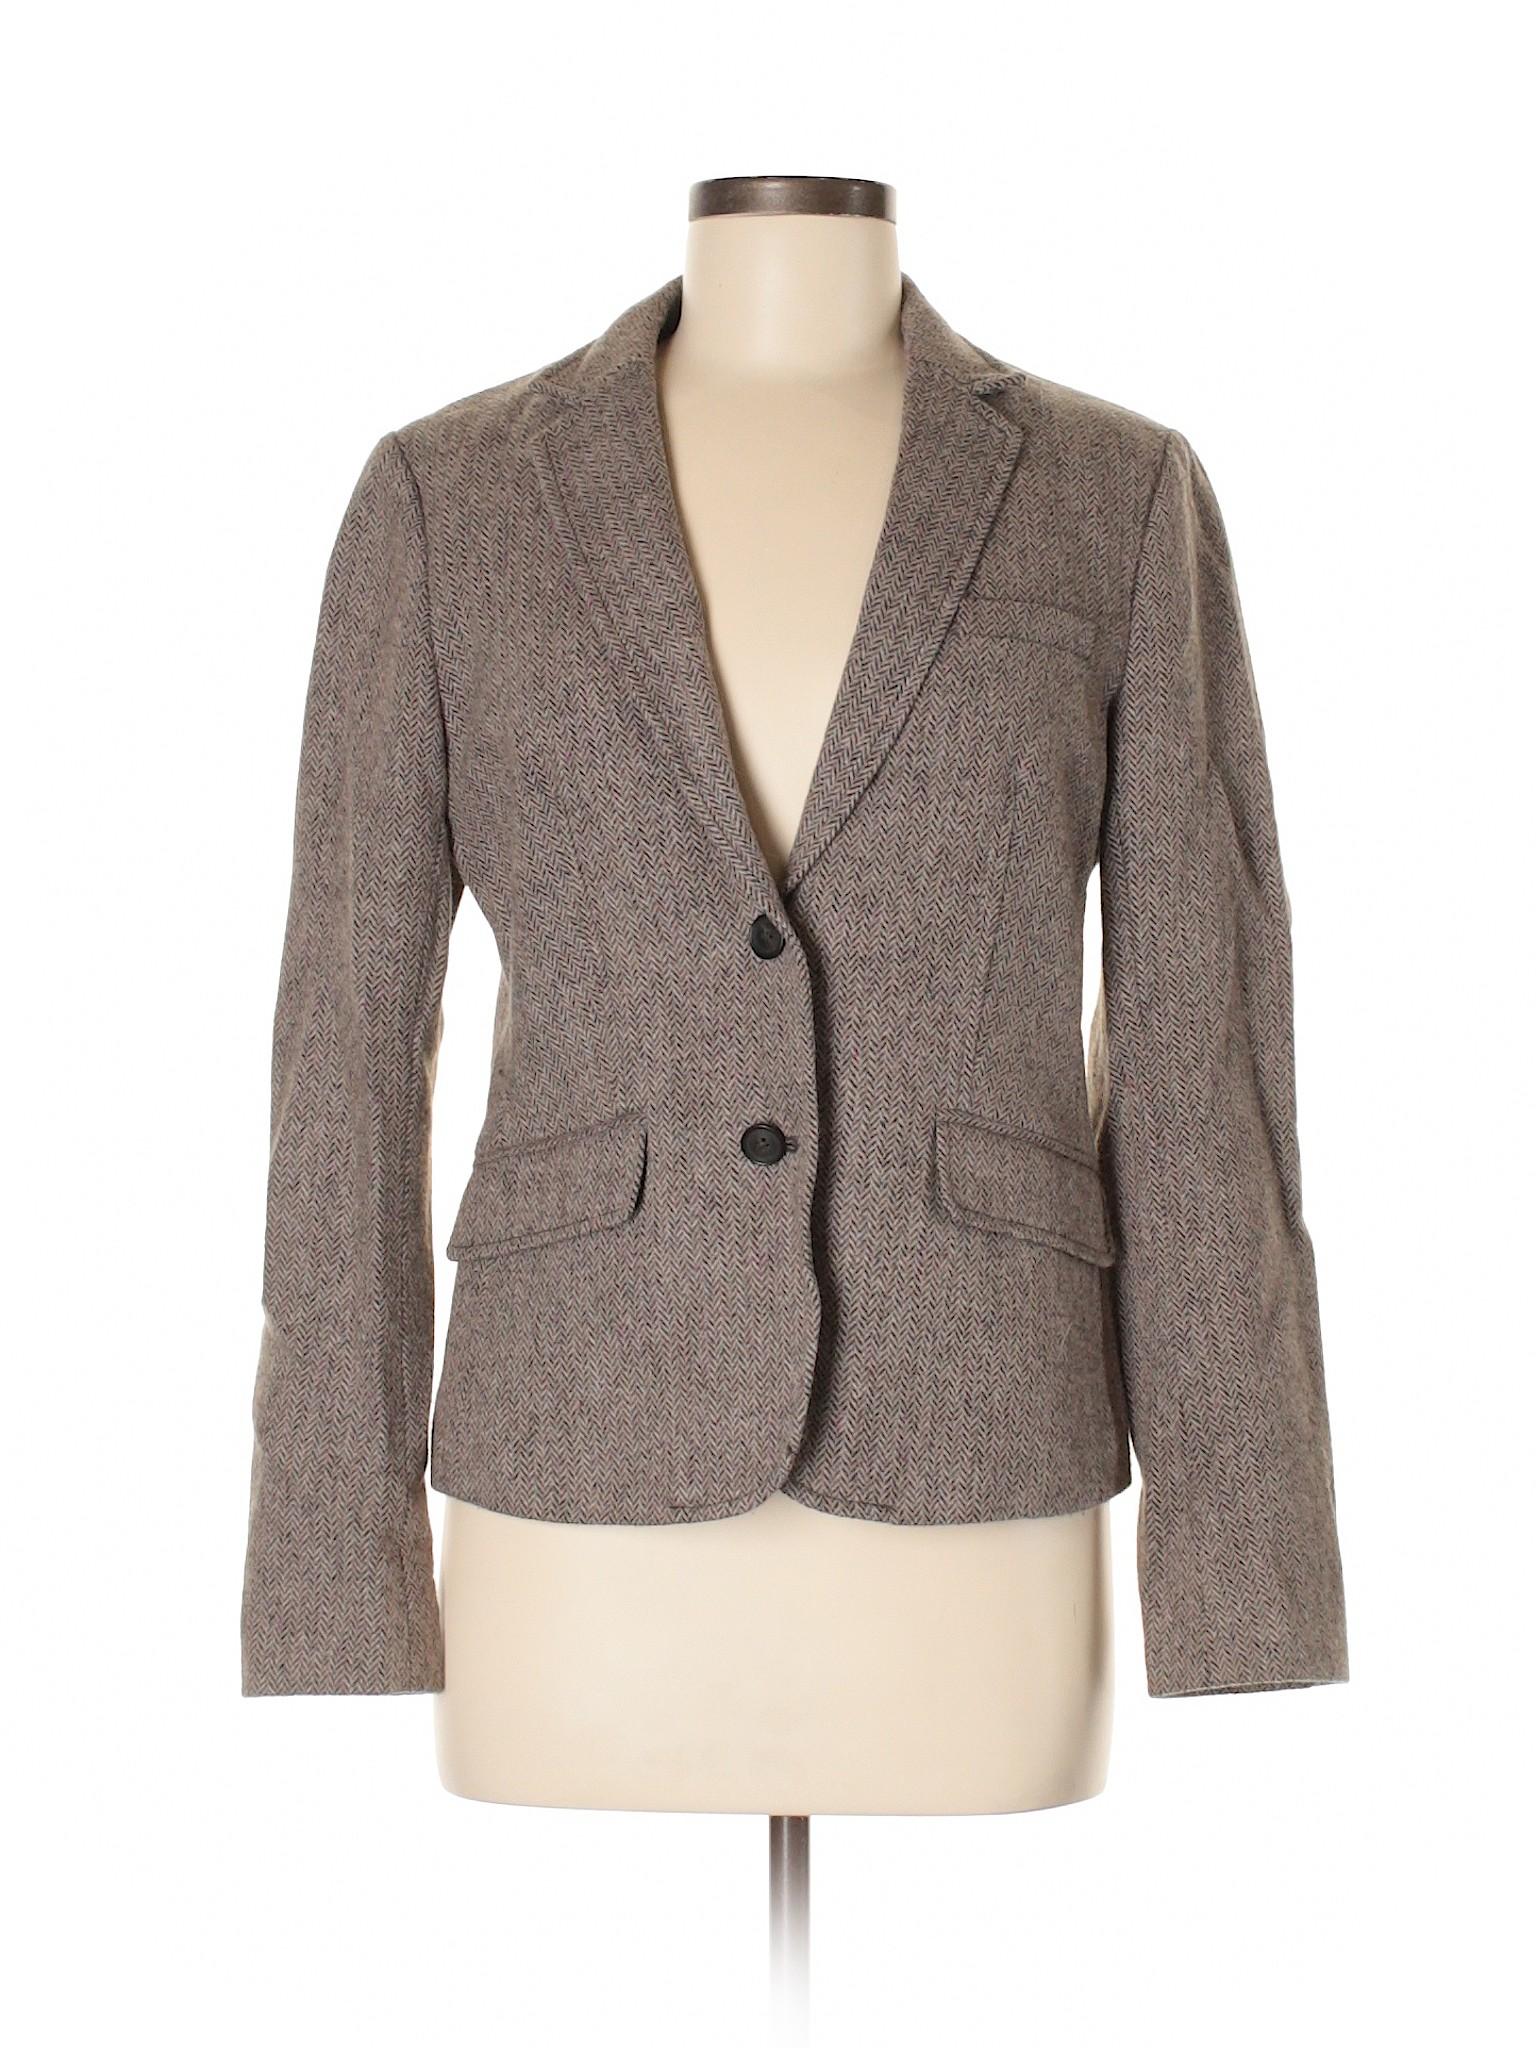 Blazer Boutique Gap Blazer Boutique winter Gap Gap Blazer winter winter Wool Wool Boutique Wool AwgTXAr